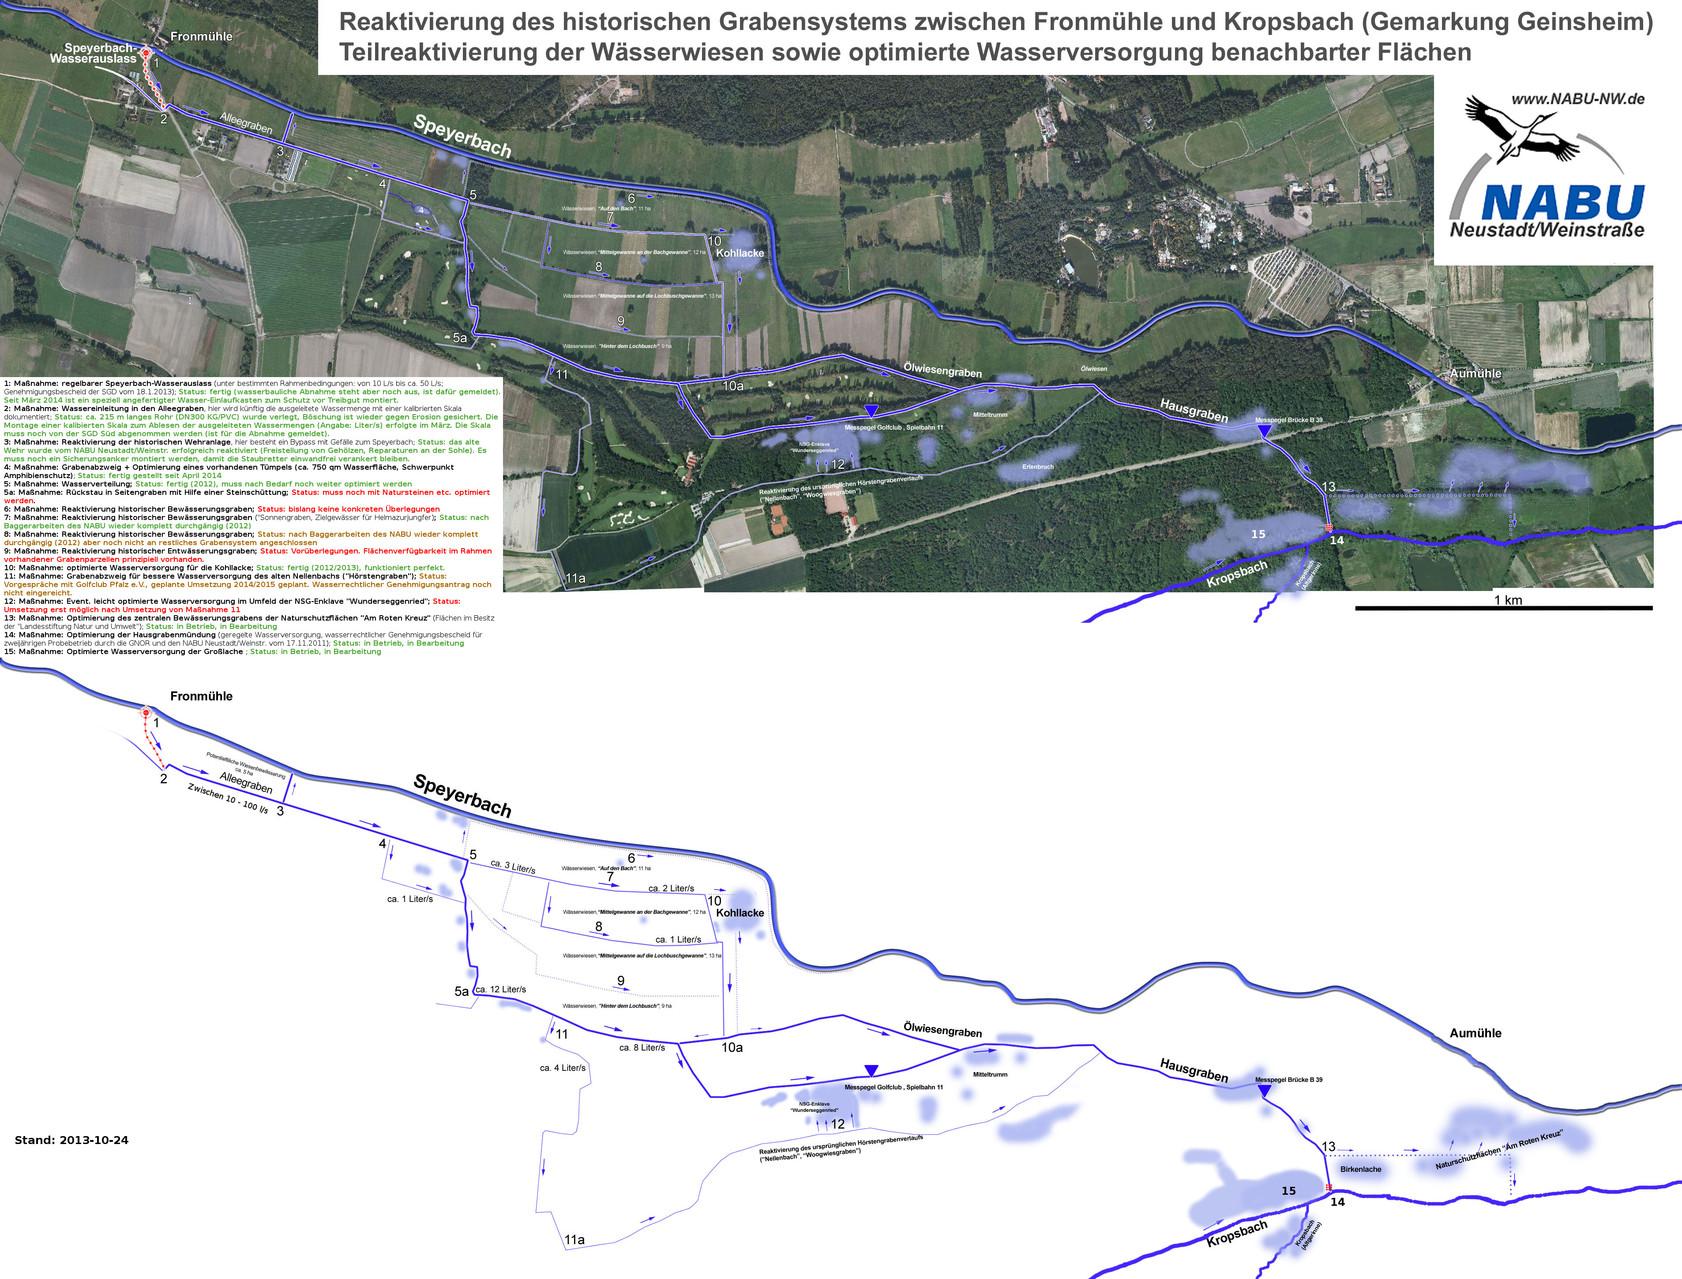 Grabensystem Speyerbach